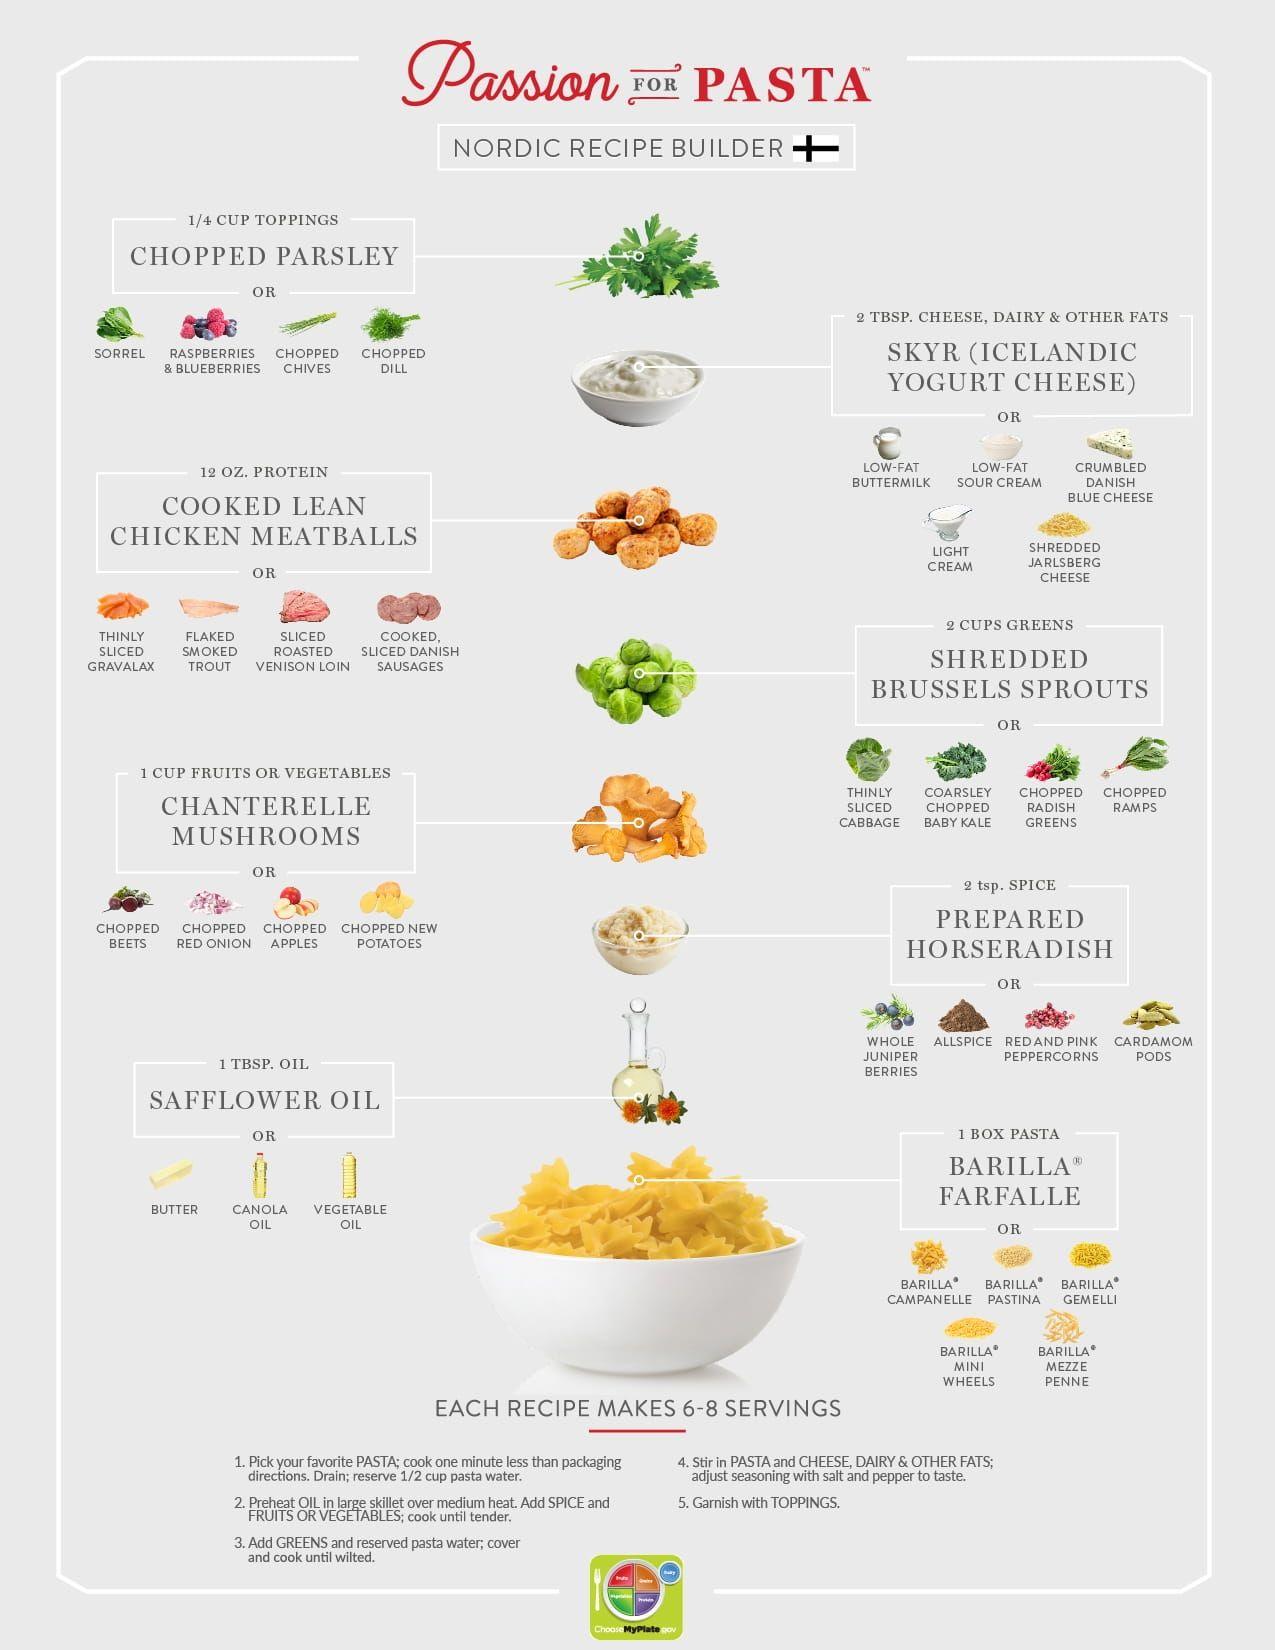 Recipe Builder for Nordic Cuisine